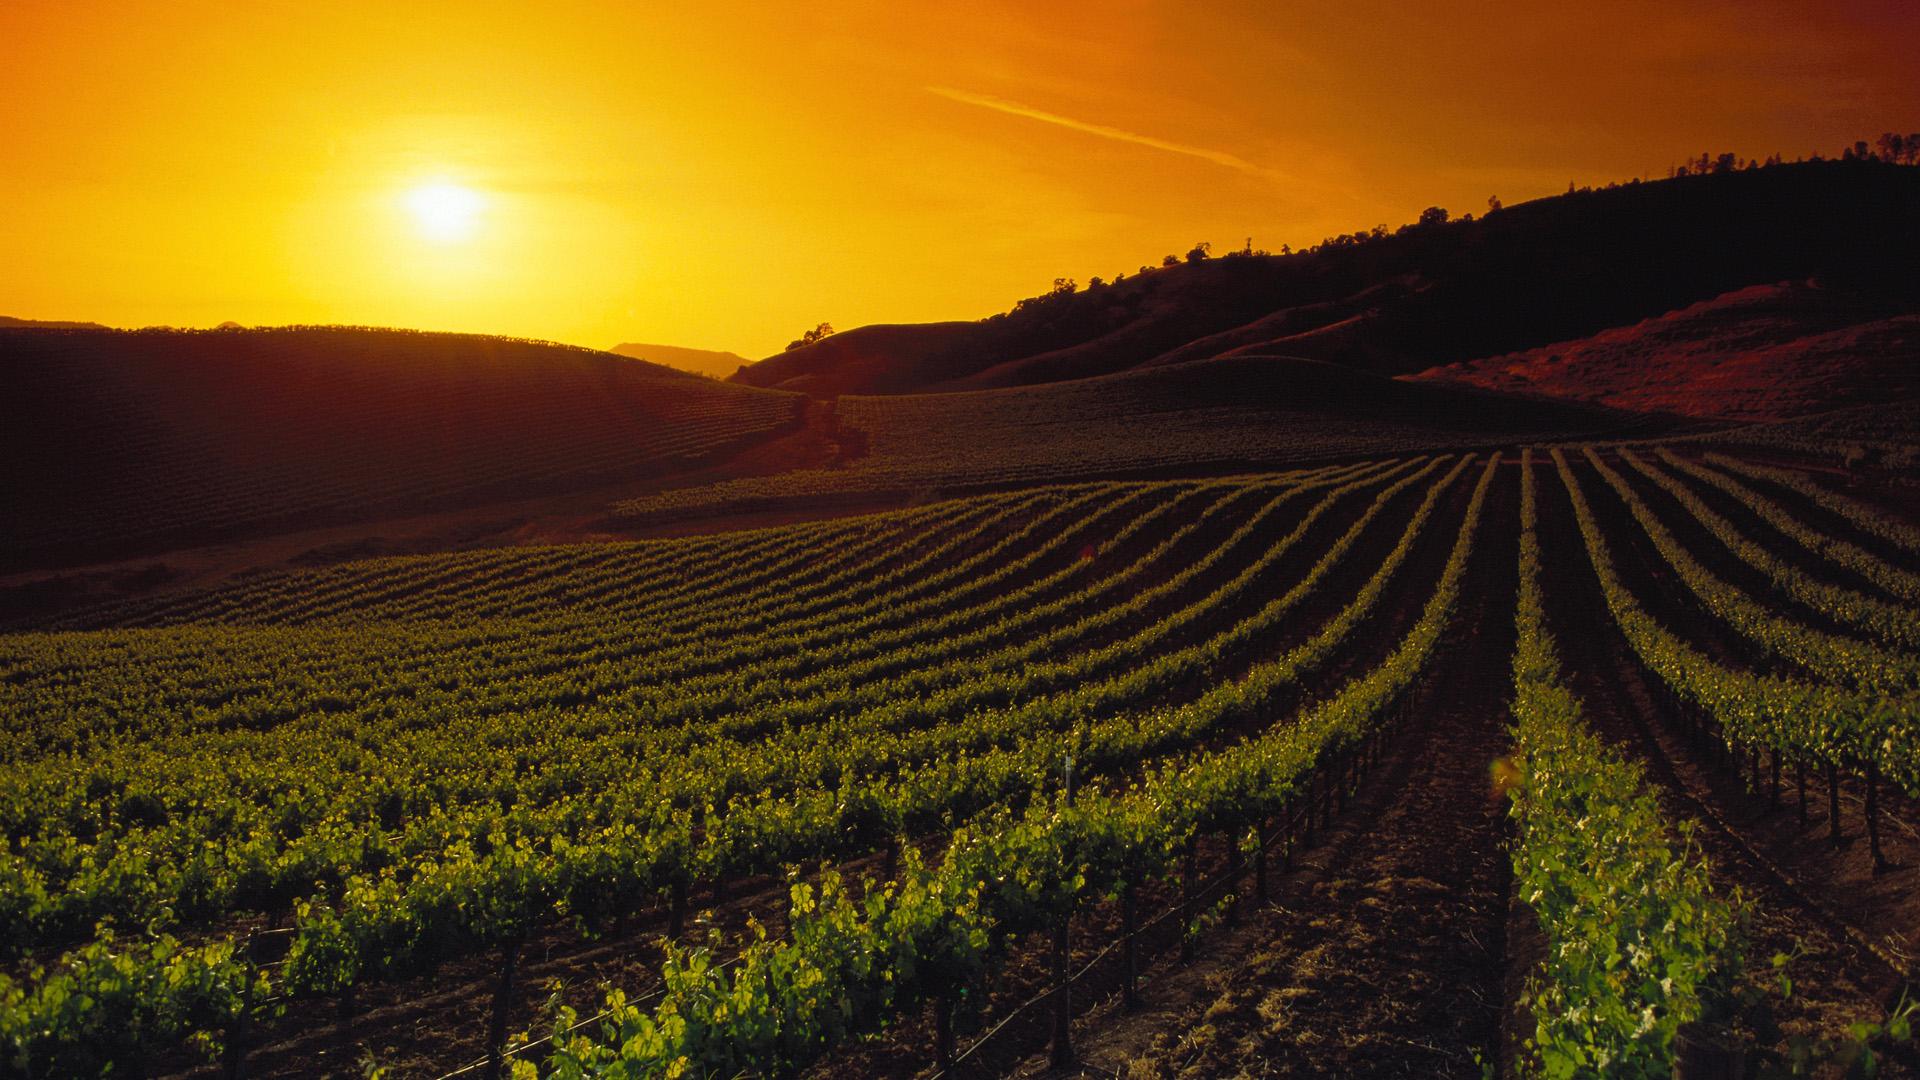 Vineyards at Sunset, Napa Valley, California Full HD ...